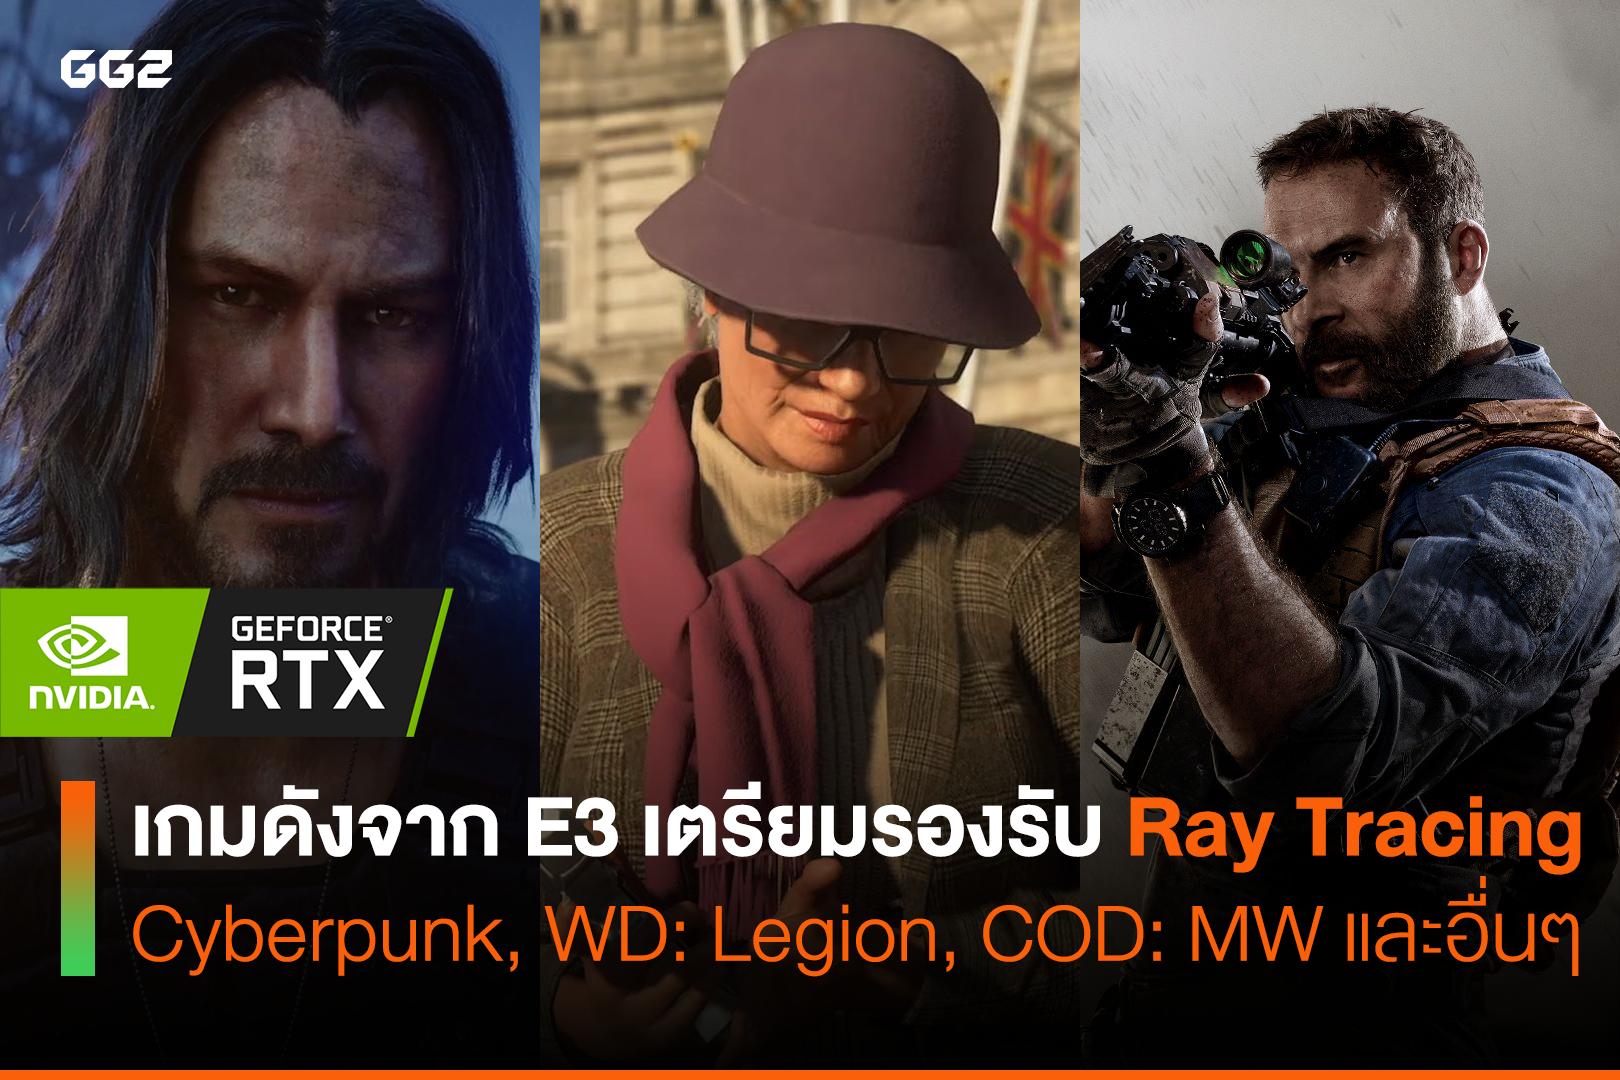 เกมดังจาก E3 เตรียมรองรับ Ray Tracing Cyberpunk, WD: Legion, COD: MW และอื่นๆ